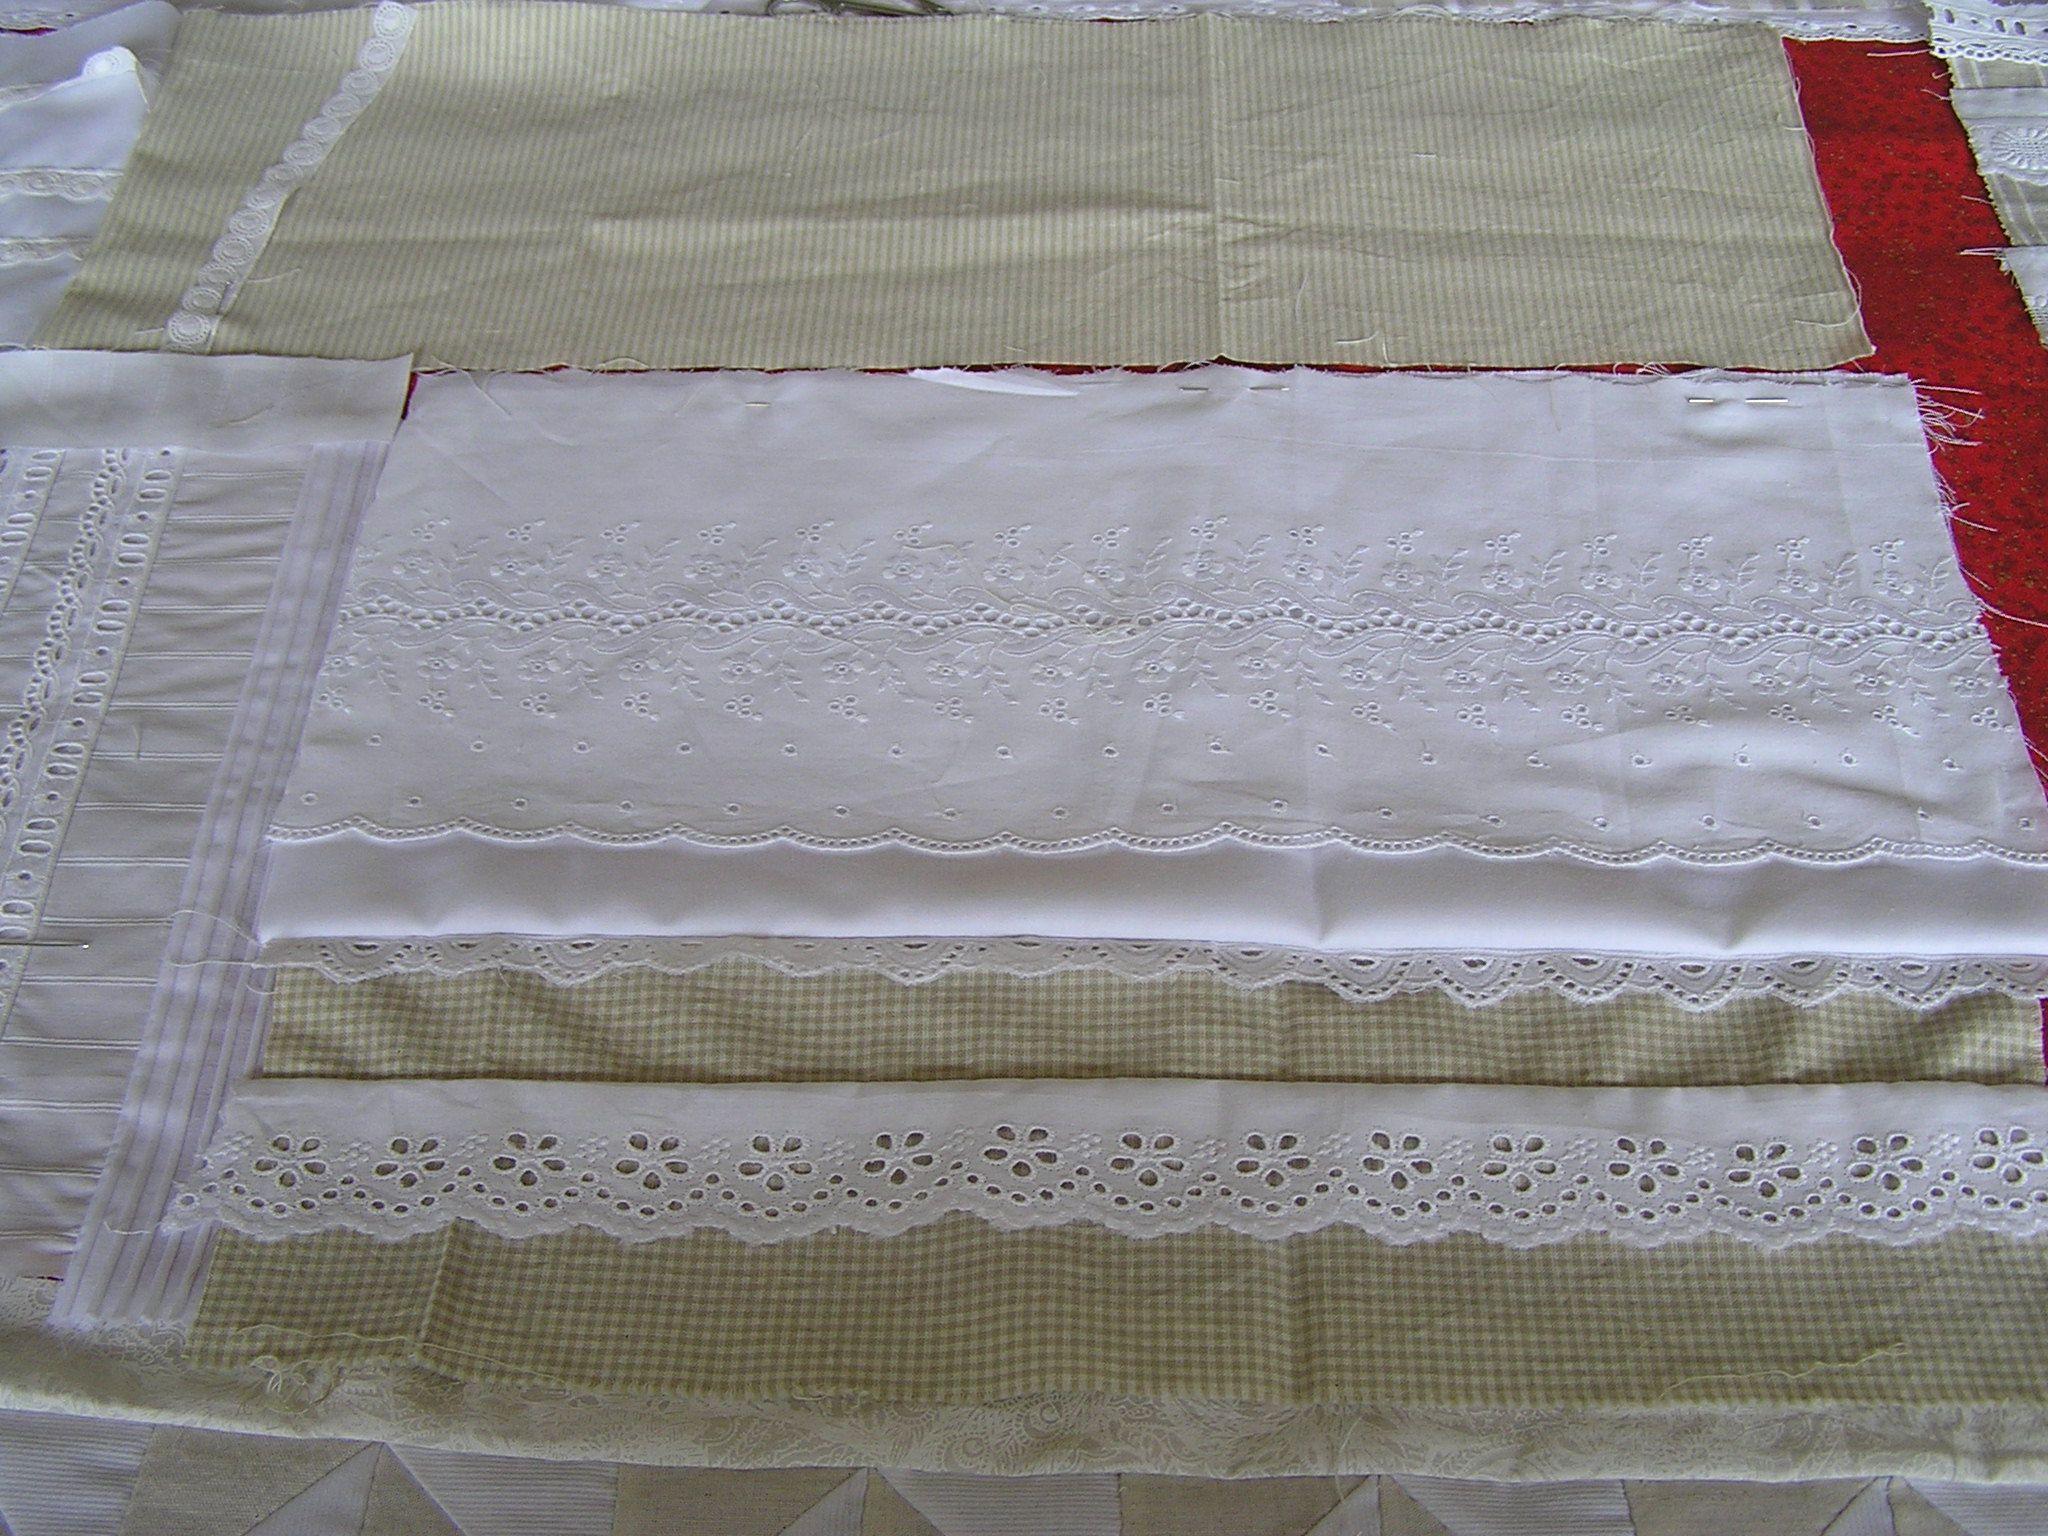 Assemblage de tissus écrus et de broderie anglaise (beaucoup d'échantillons divers)